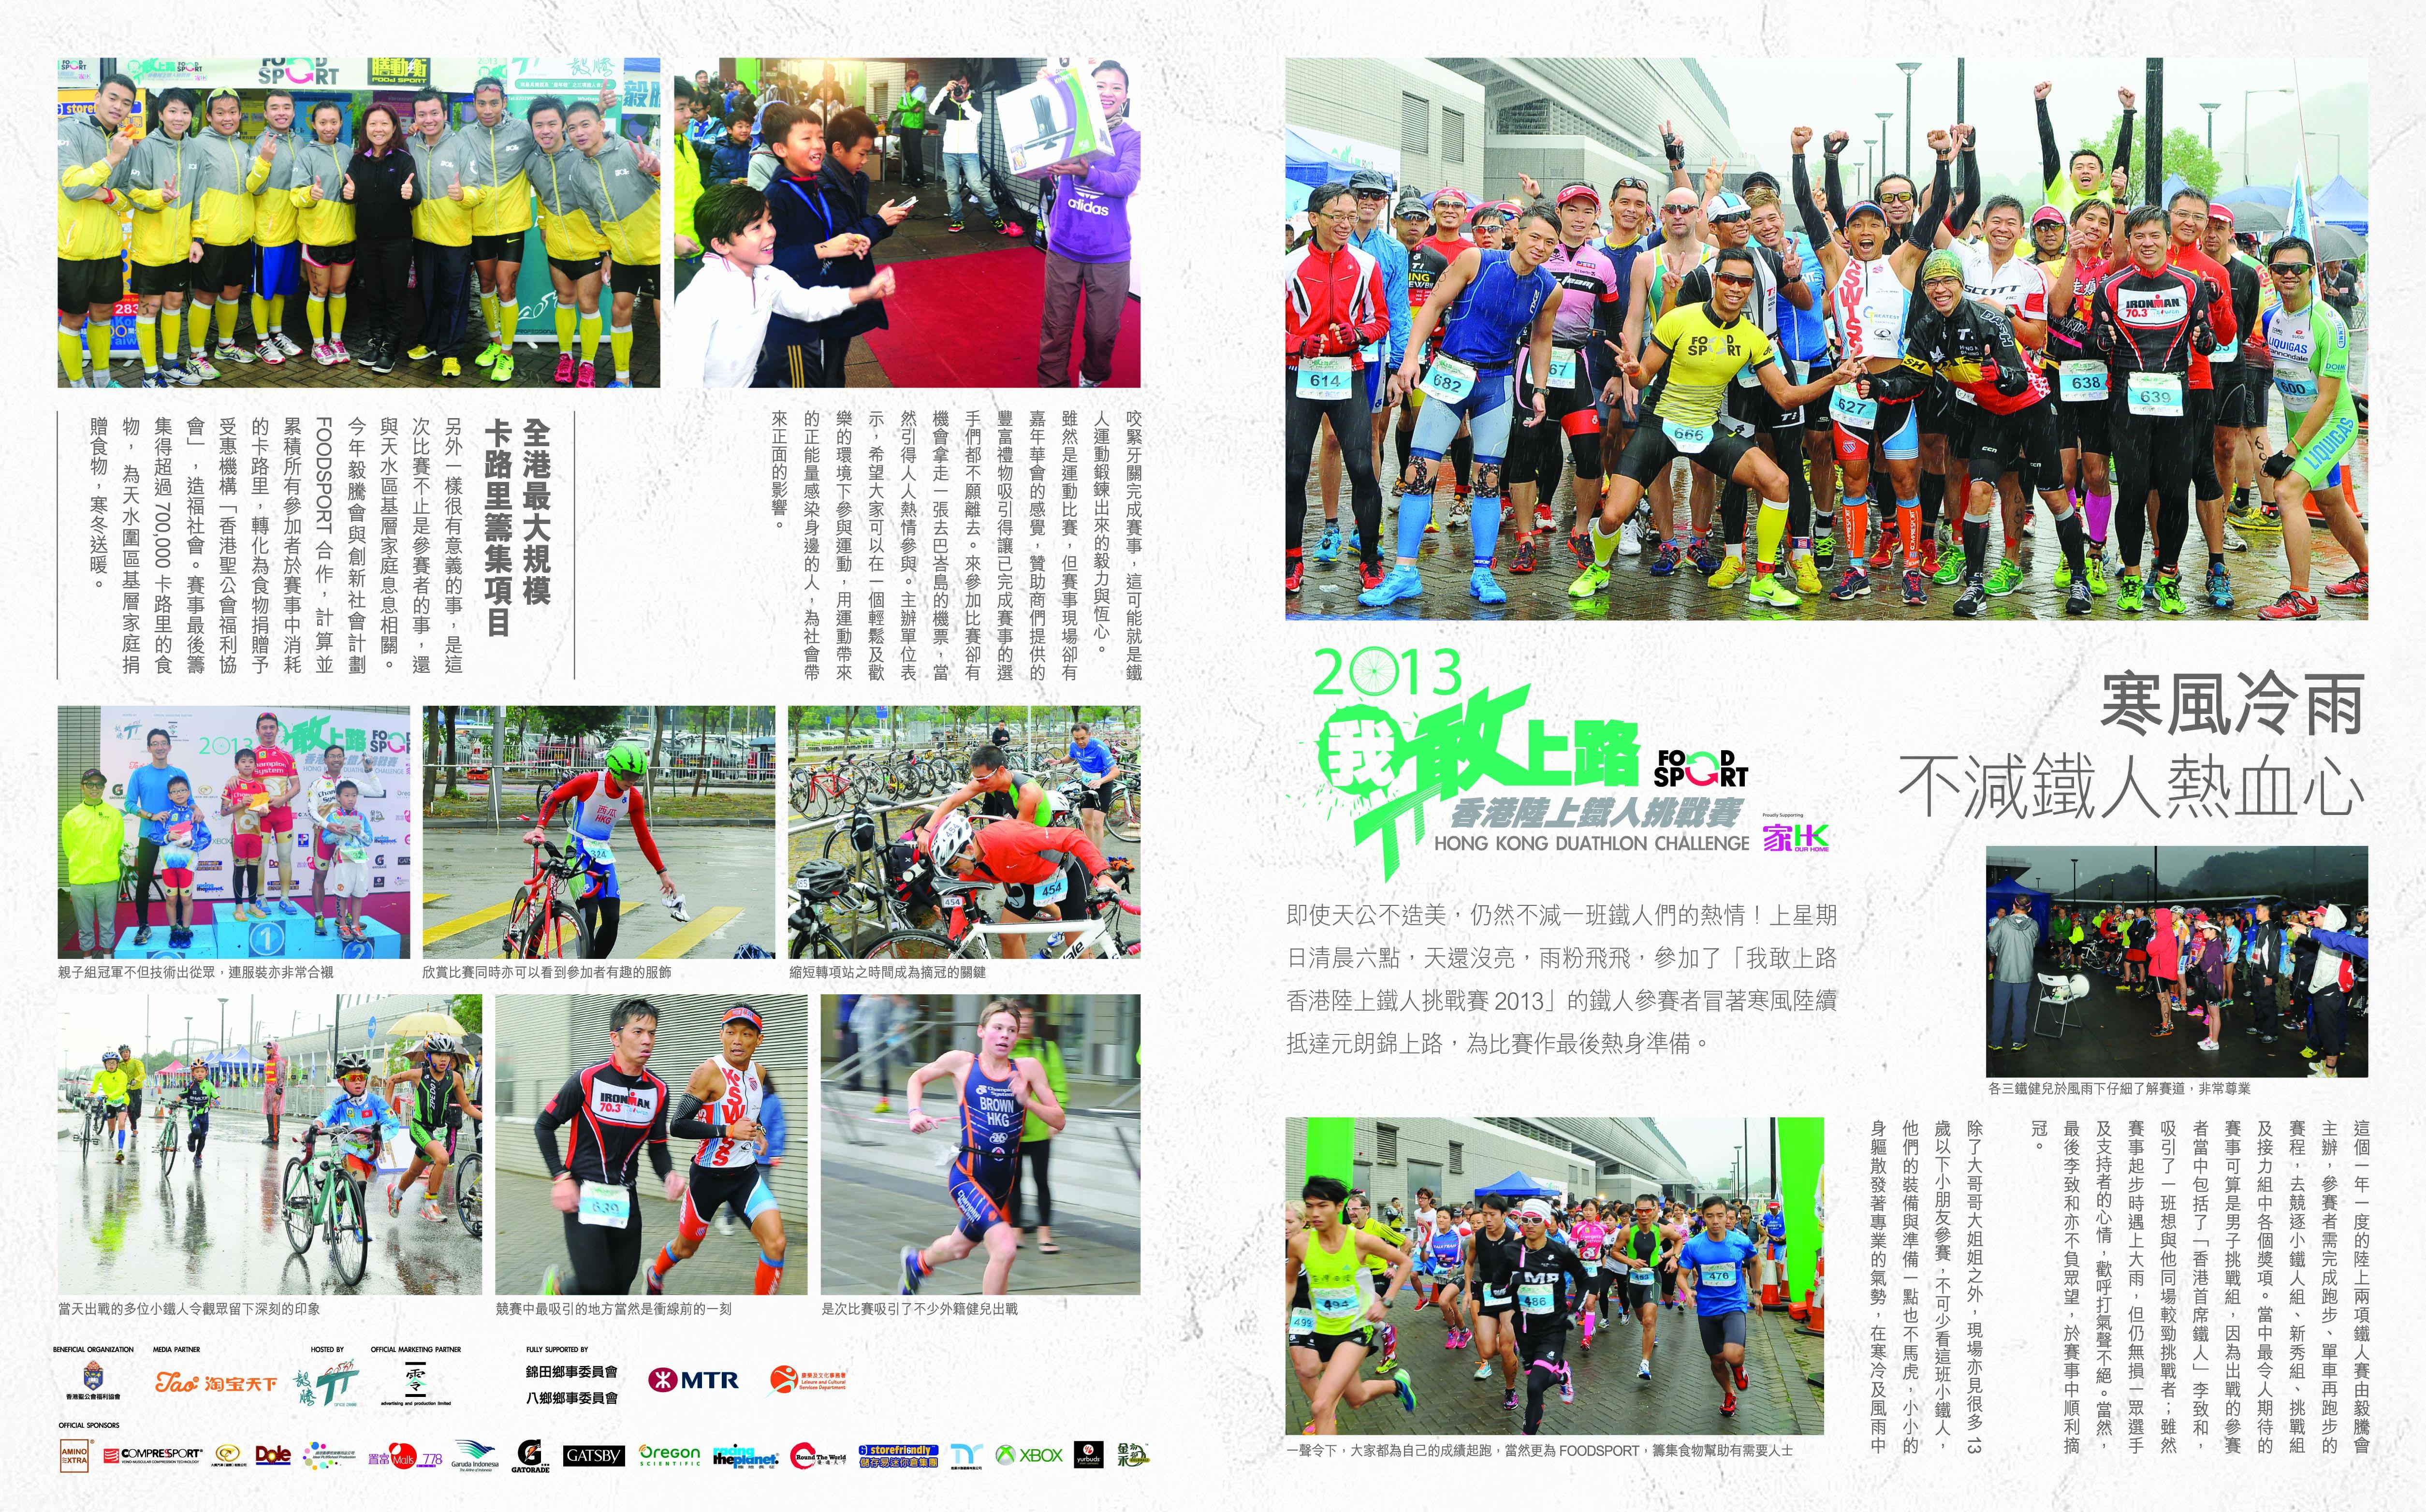 Tao Magazine